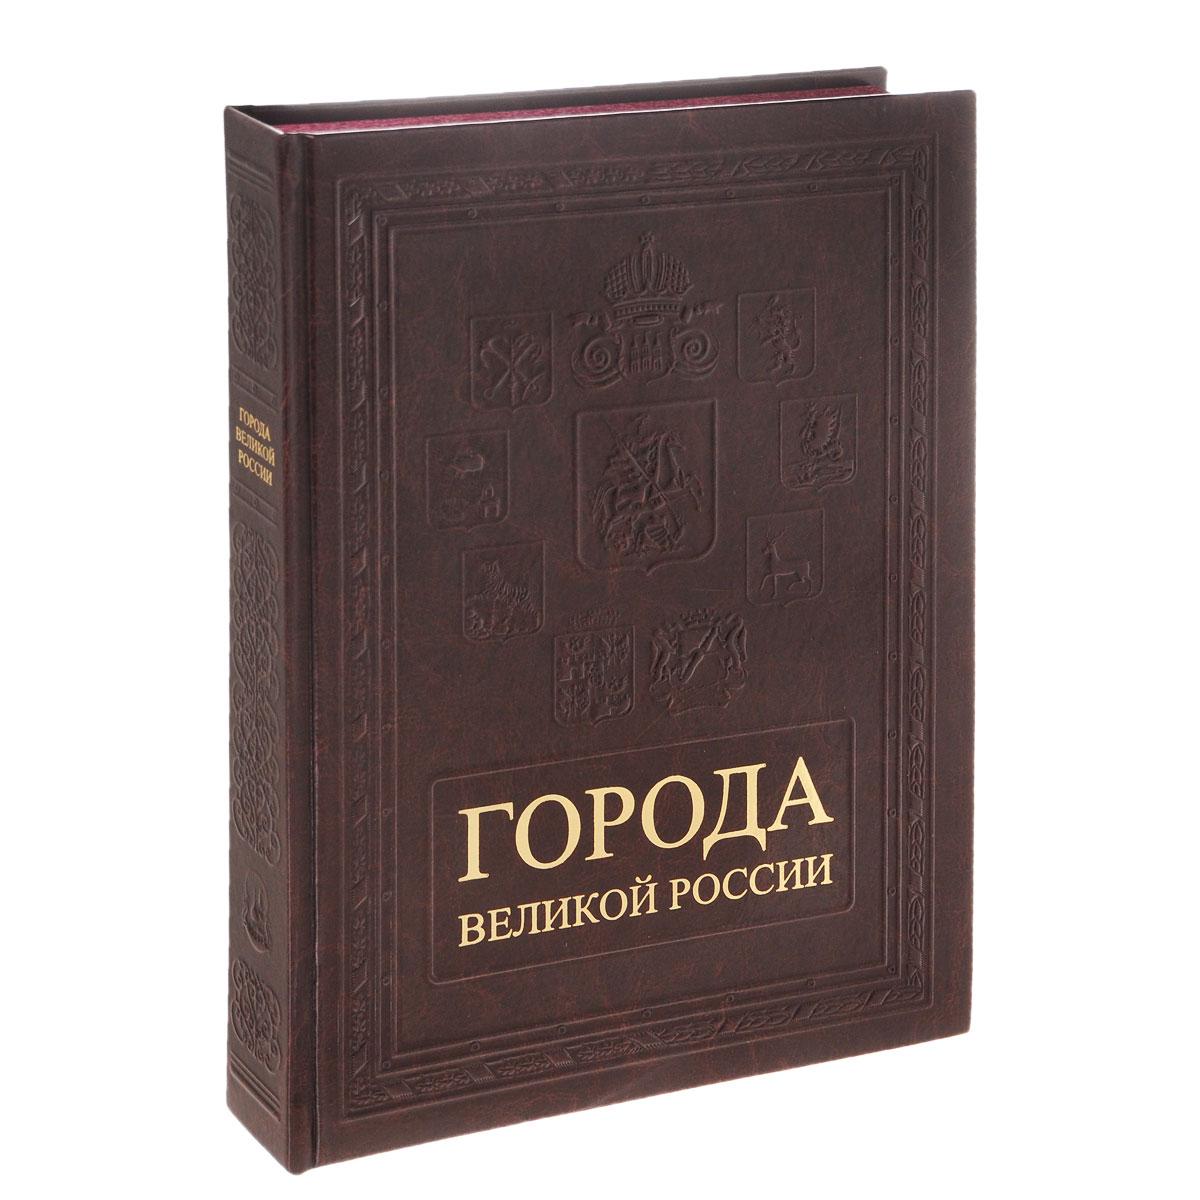 Татьяна Столбова Города великой России / The Cities of Great Russia (подарочное издание)